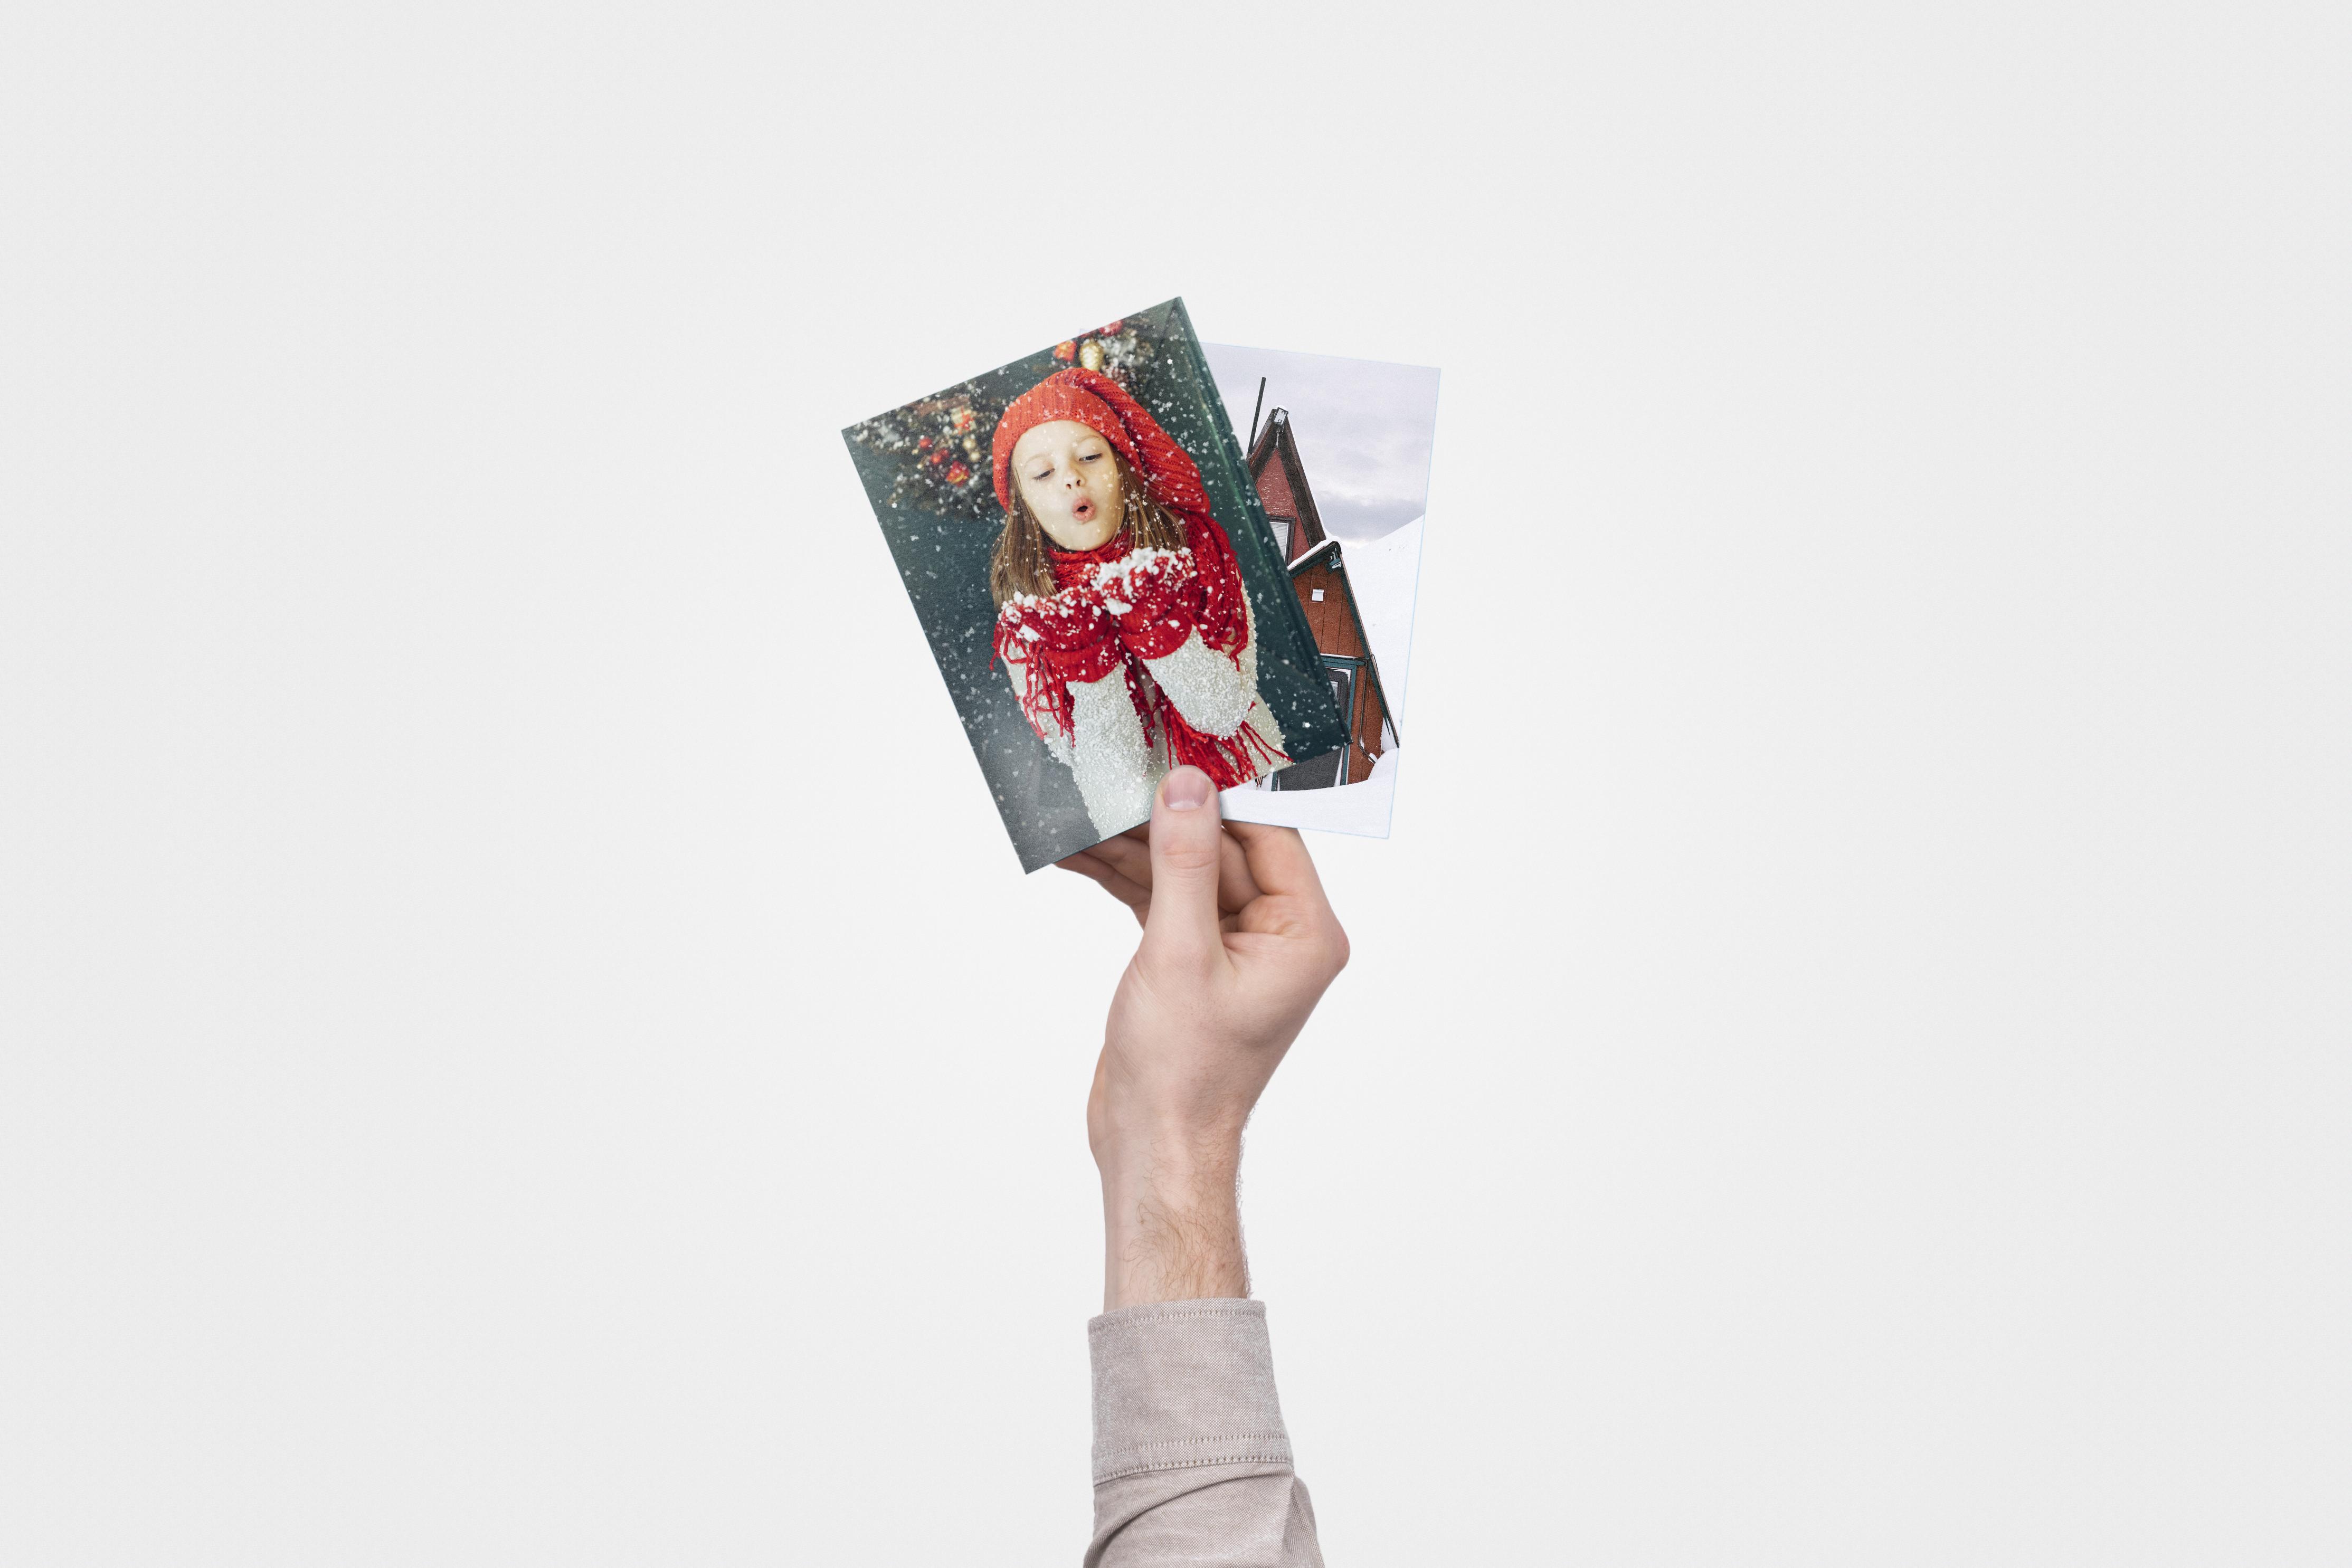 Twee winterse fotoafdrukken, één met een meisje dat in de sneeuw speelt, de andere met een huisje in de sneeuw